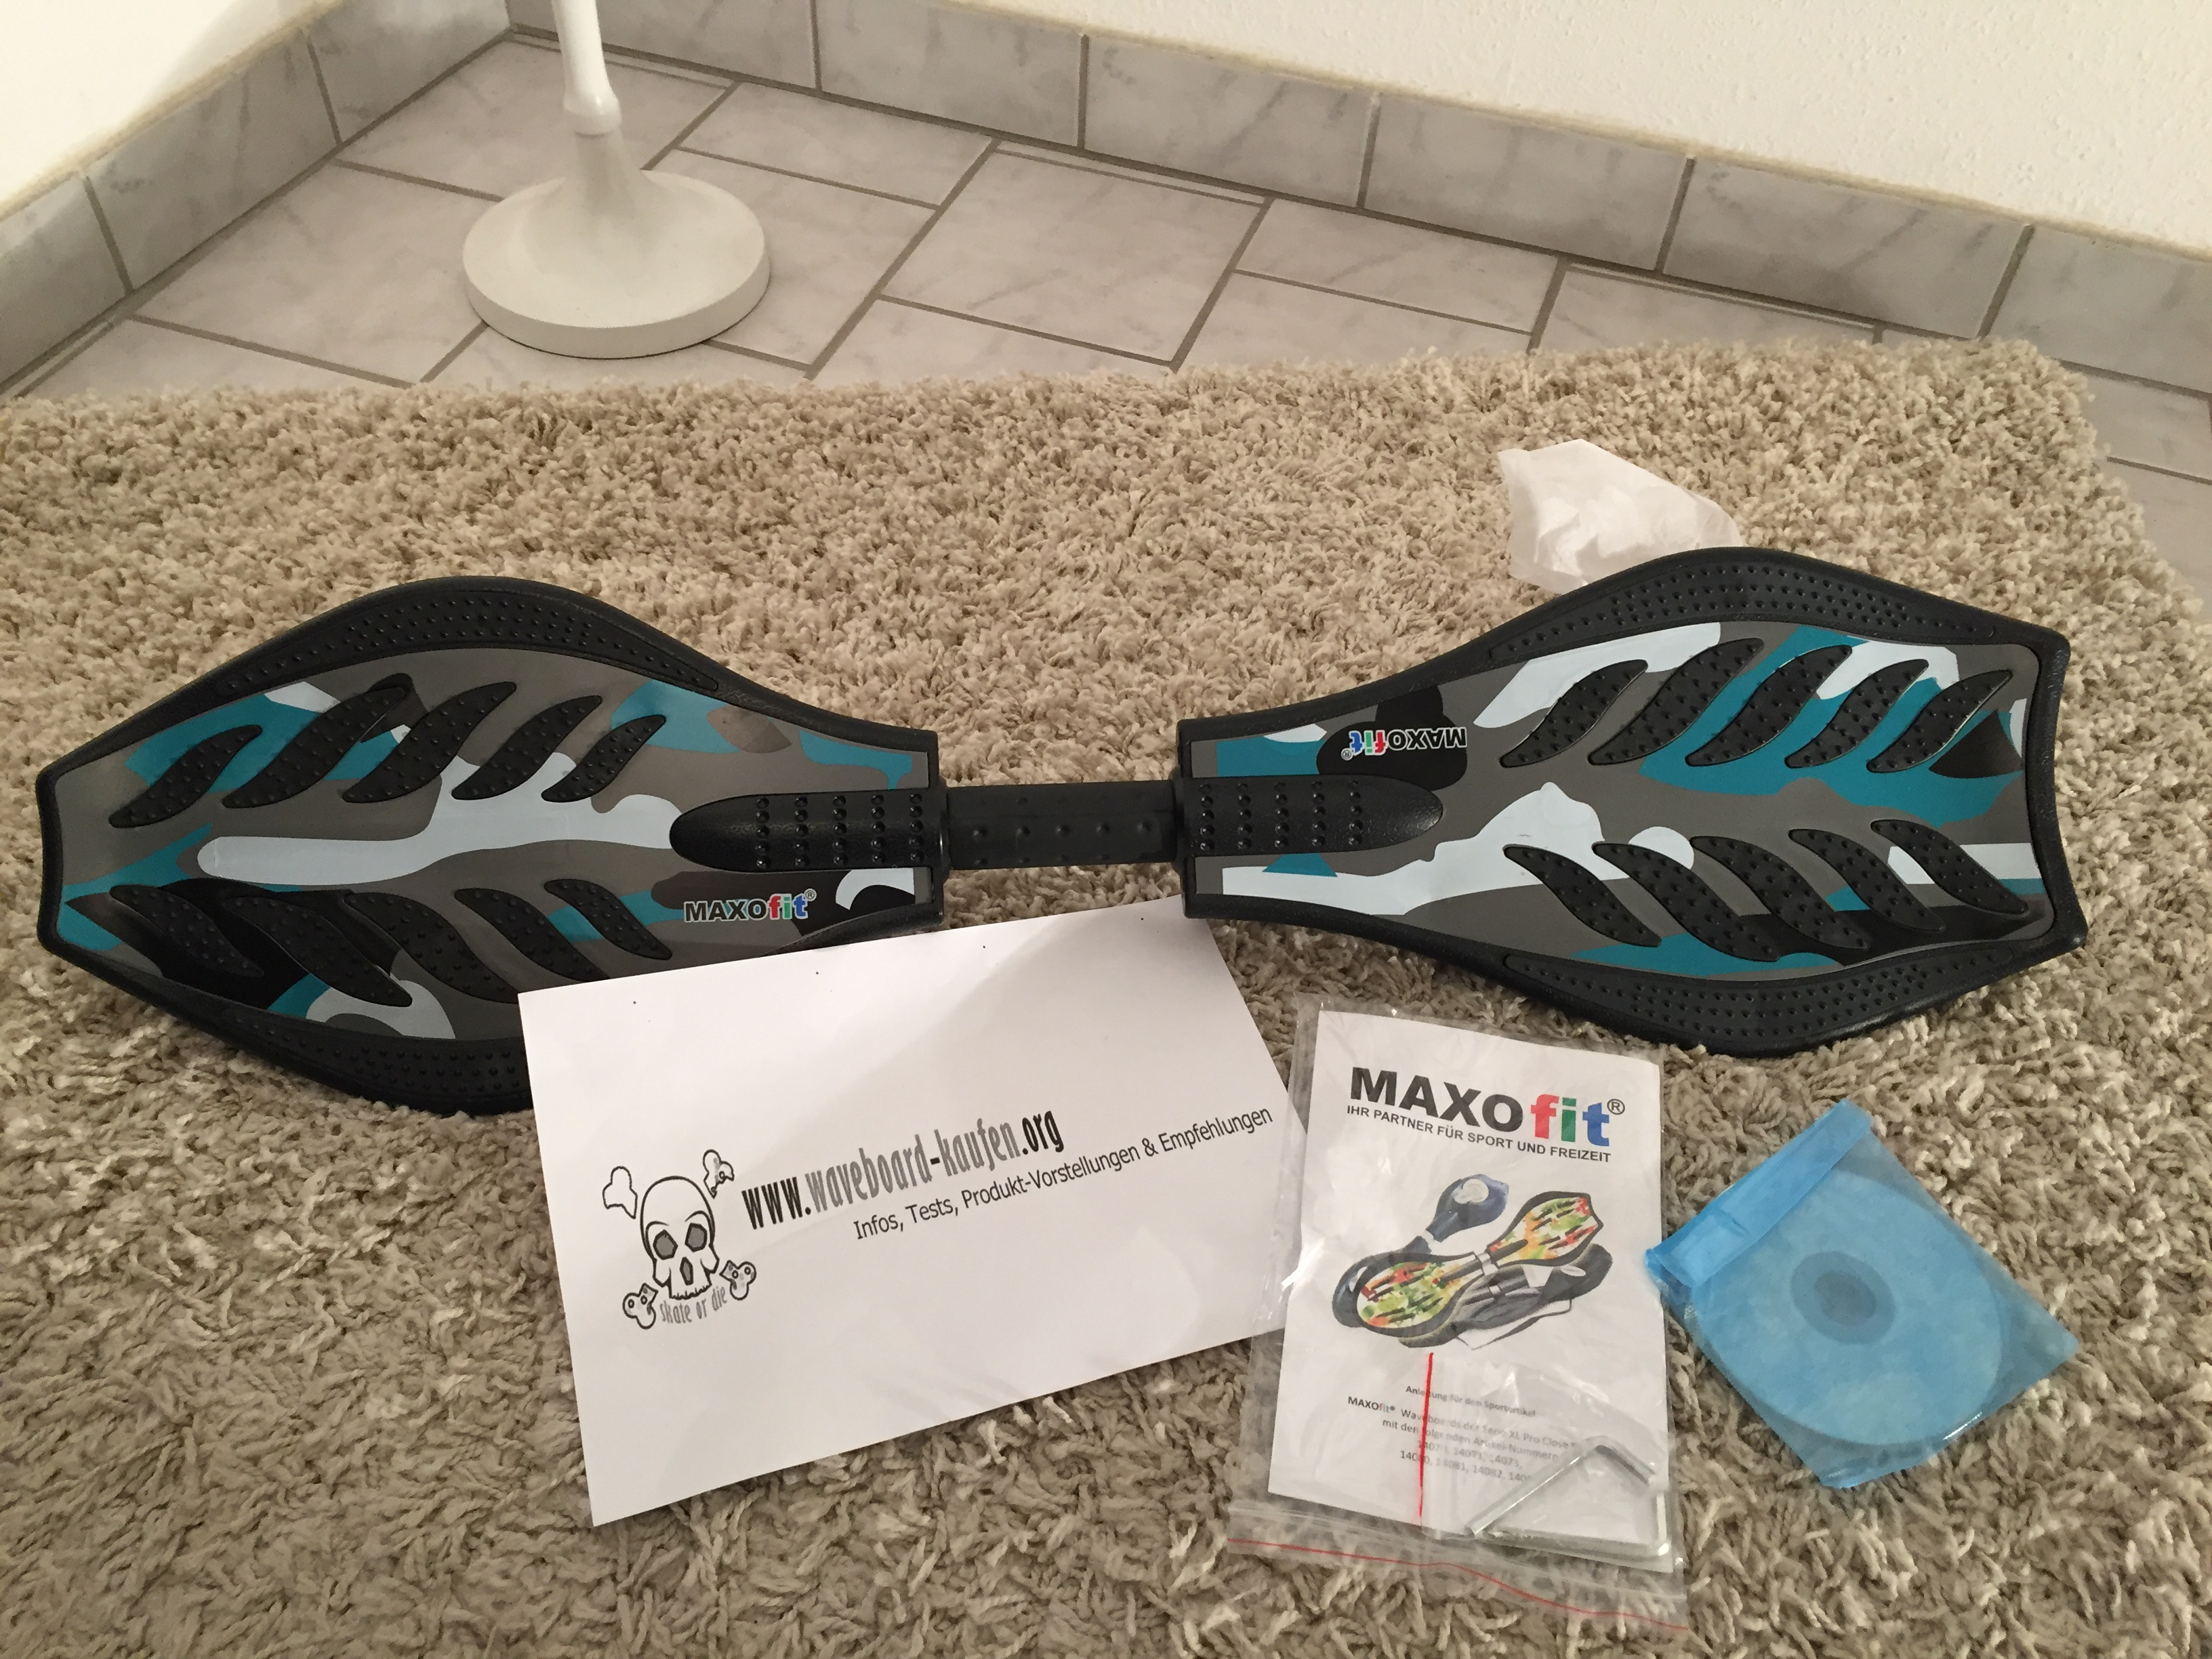 Das MAXOfit Pro XL (Deckseite zu sehen), CD, Werkzeug und Anleitung zu sehen